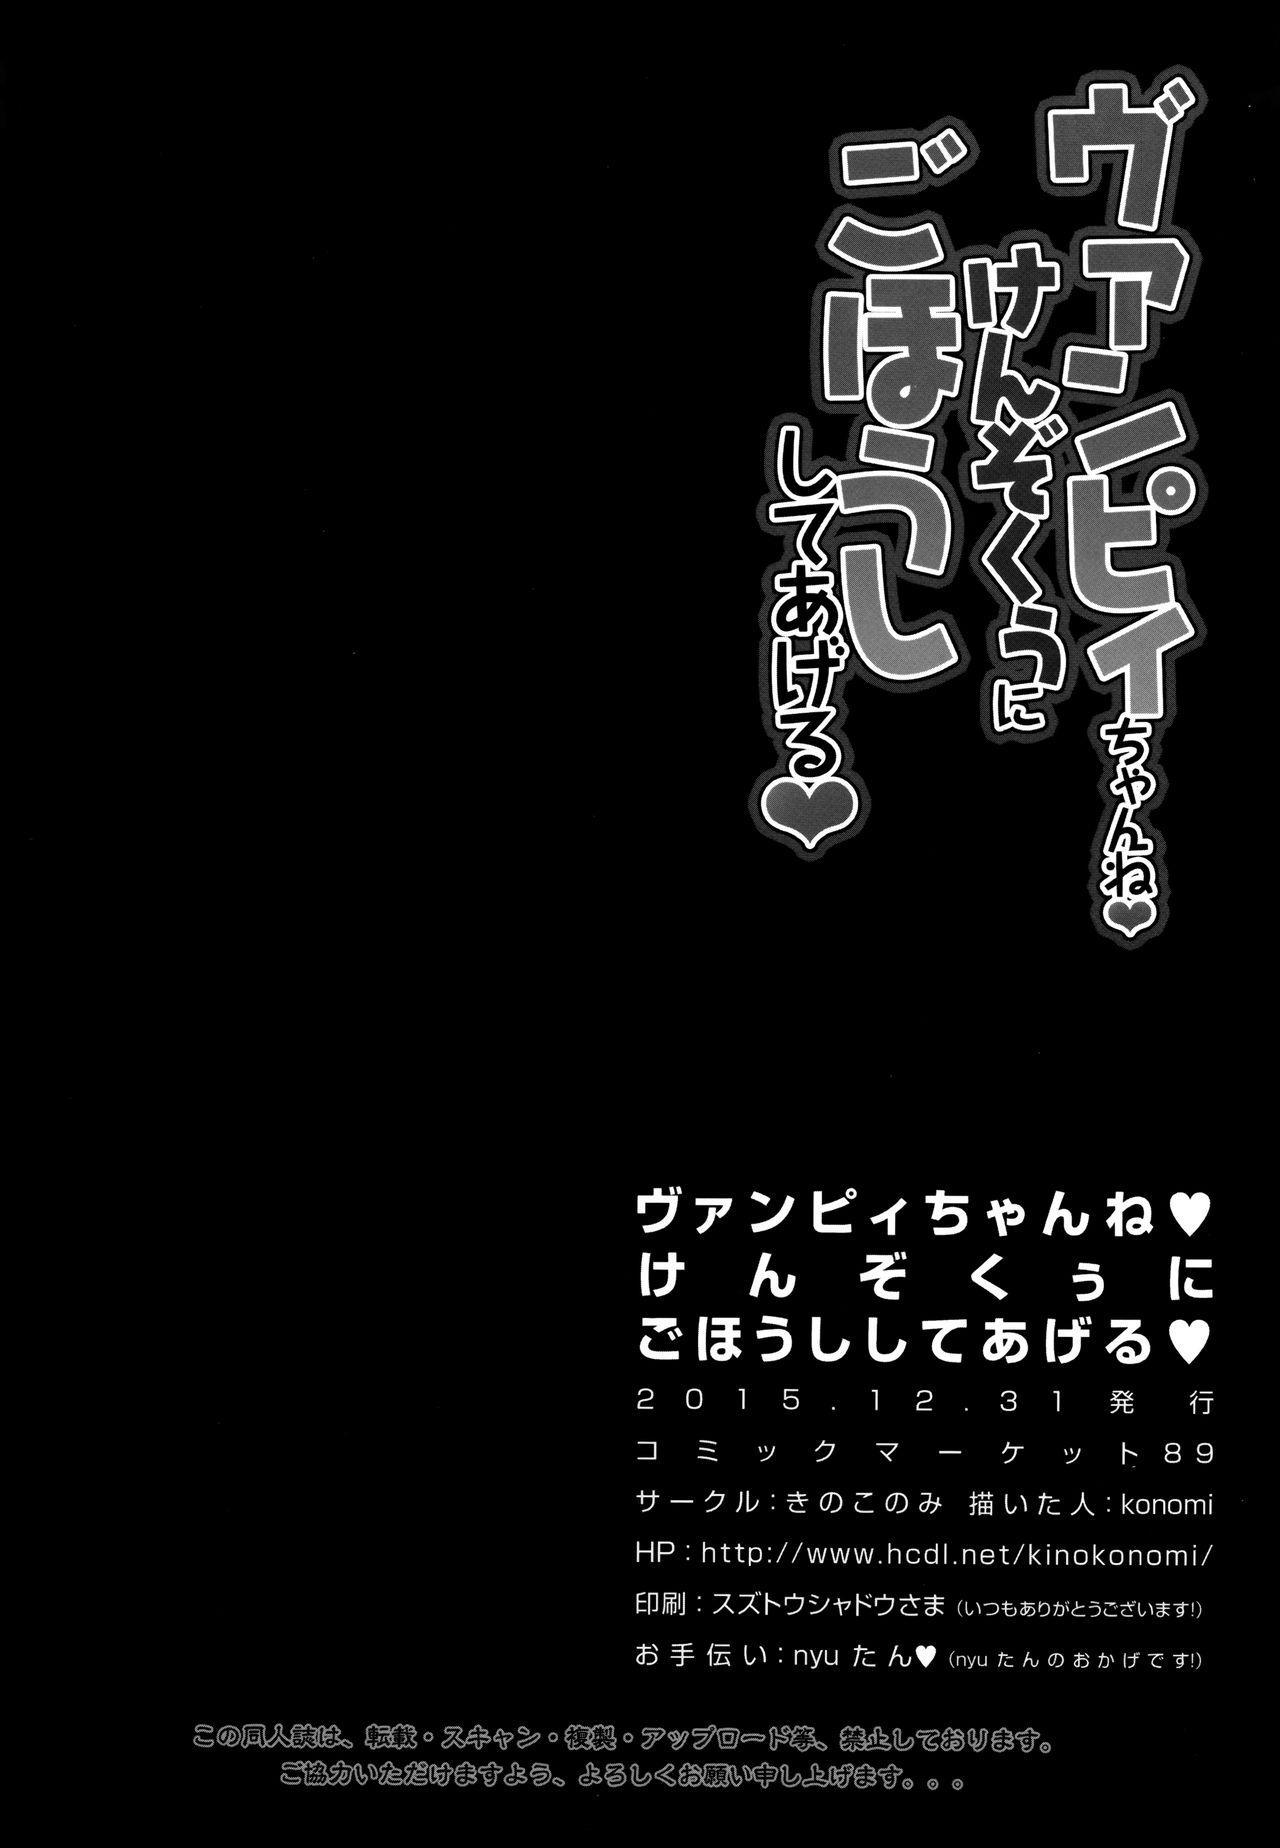 (C89) [KINOKONOMI (konomi)] Vampy-chan ne Kenzokuu ni Gohoushi Shiteageru | Vampy-chan Will Reward You, Servant (Granblue Fantasy) [English] [Rinruririn] 17